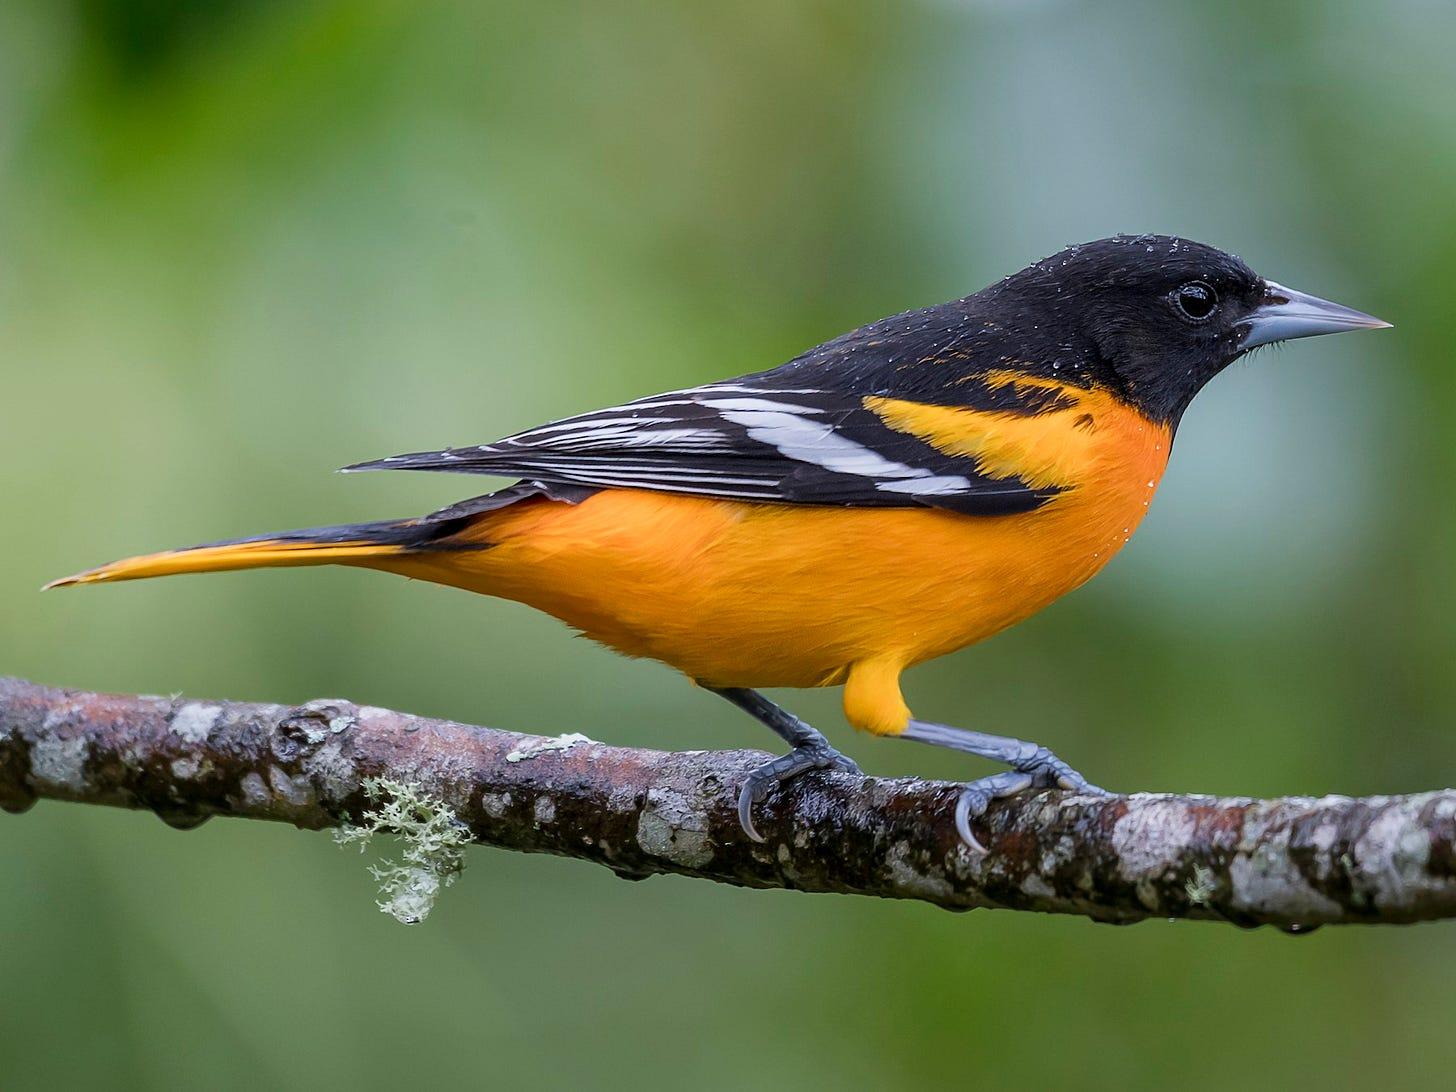 Baltimore Oriole - eBird